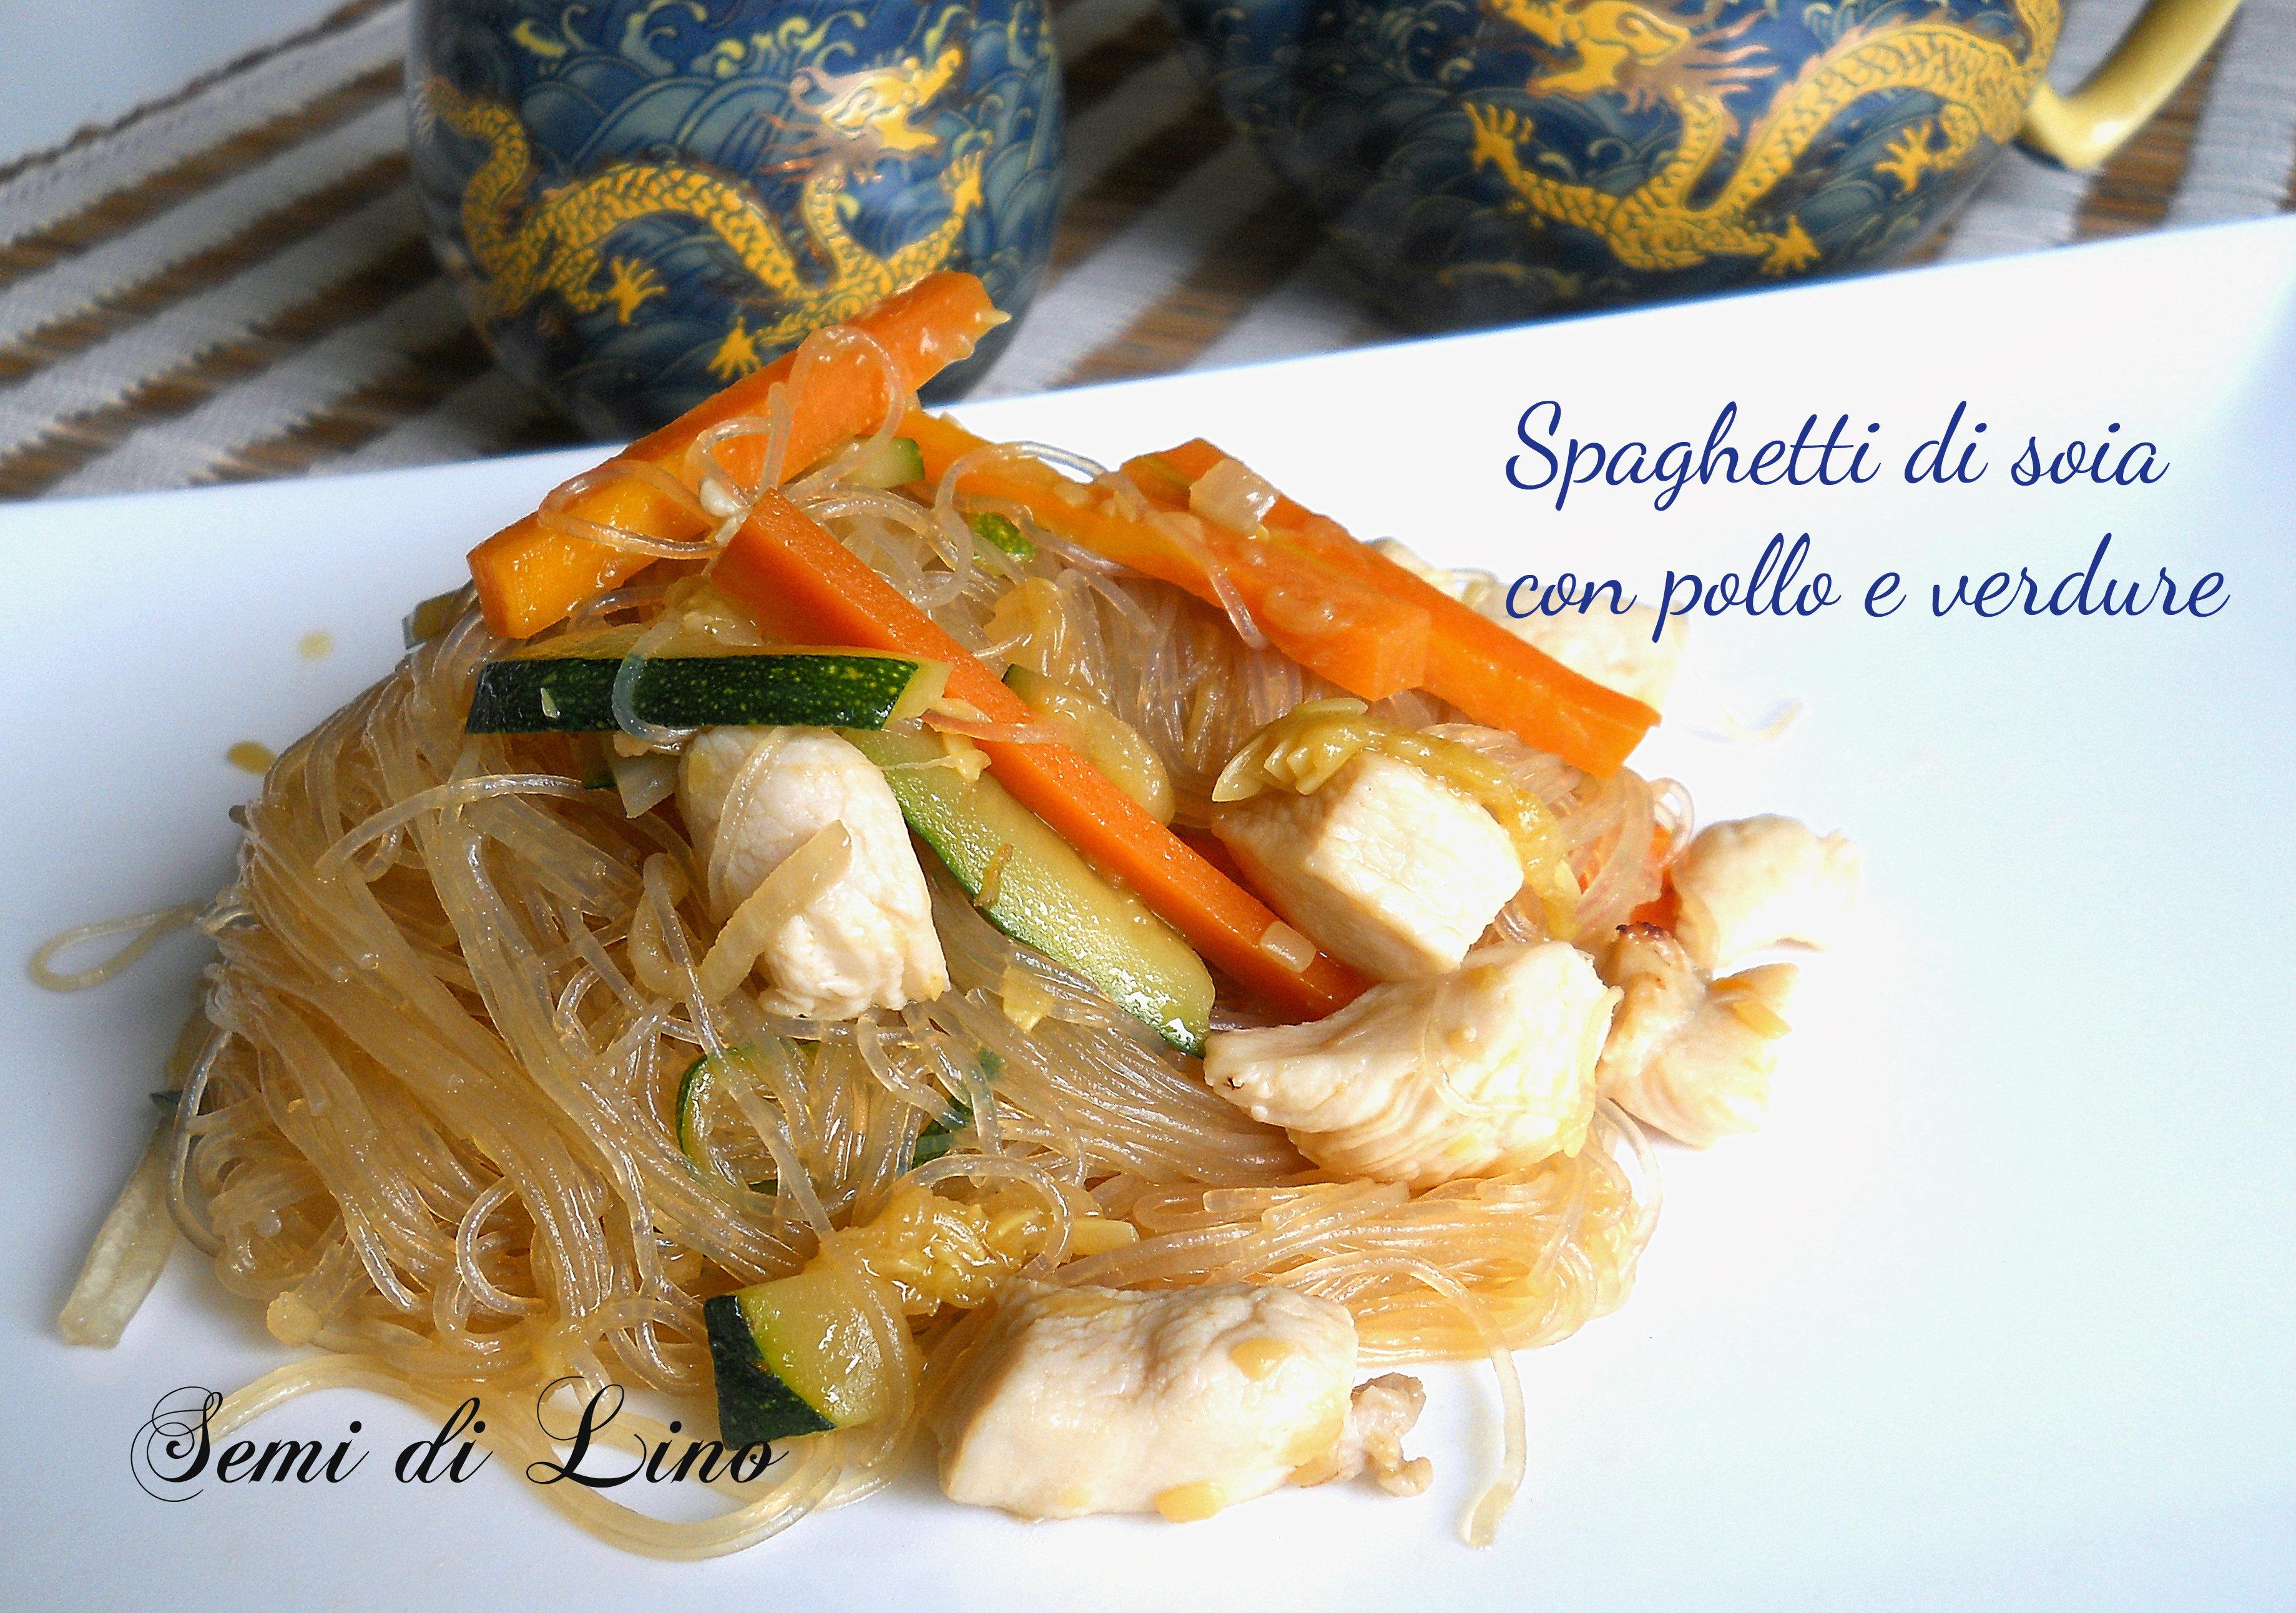 Spaghetti di soia con pollo e verdure, una ricetta orientale